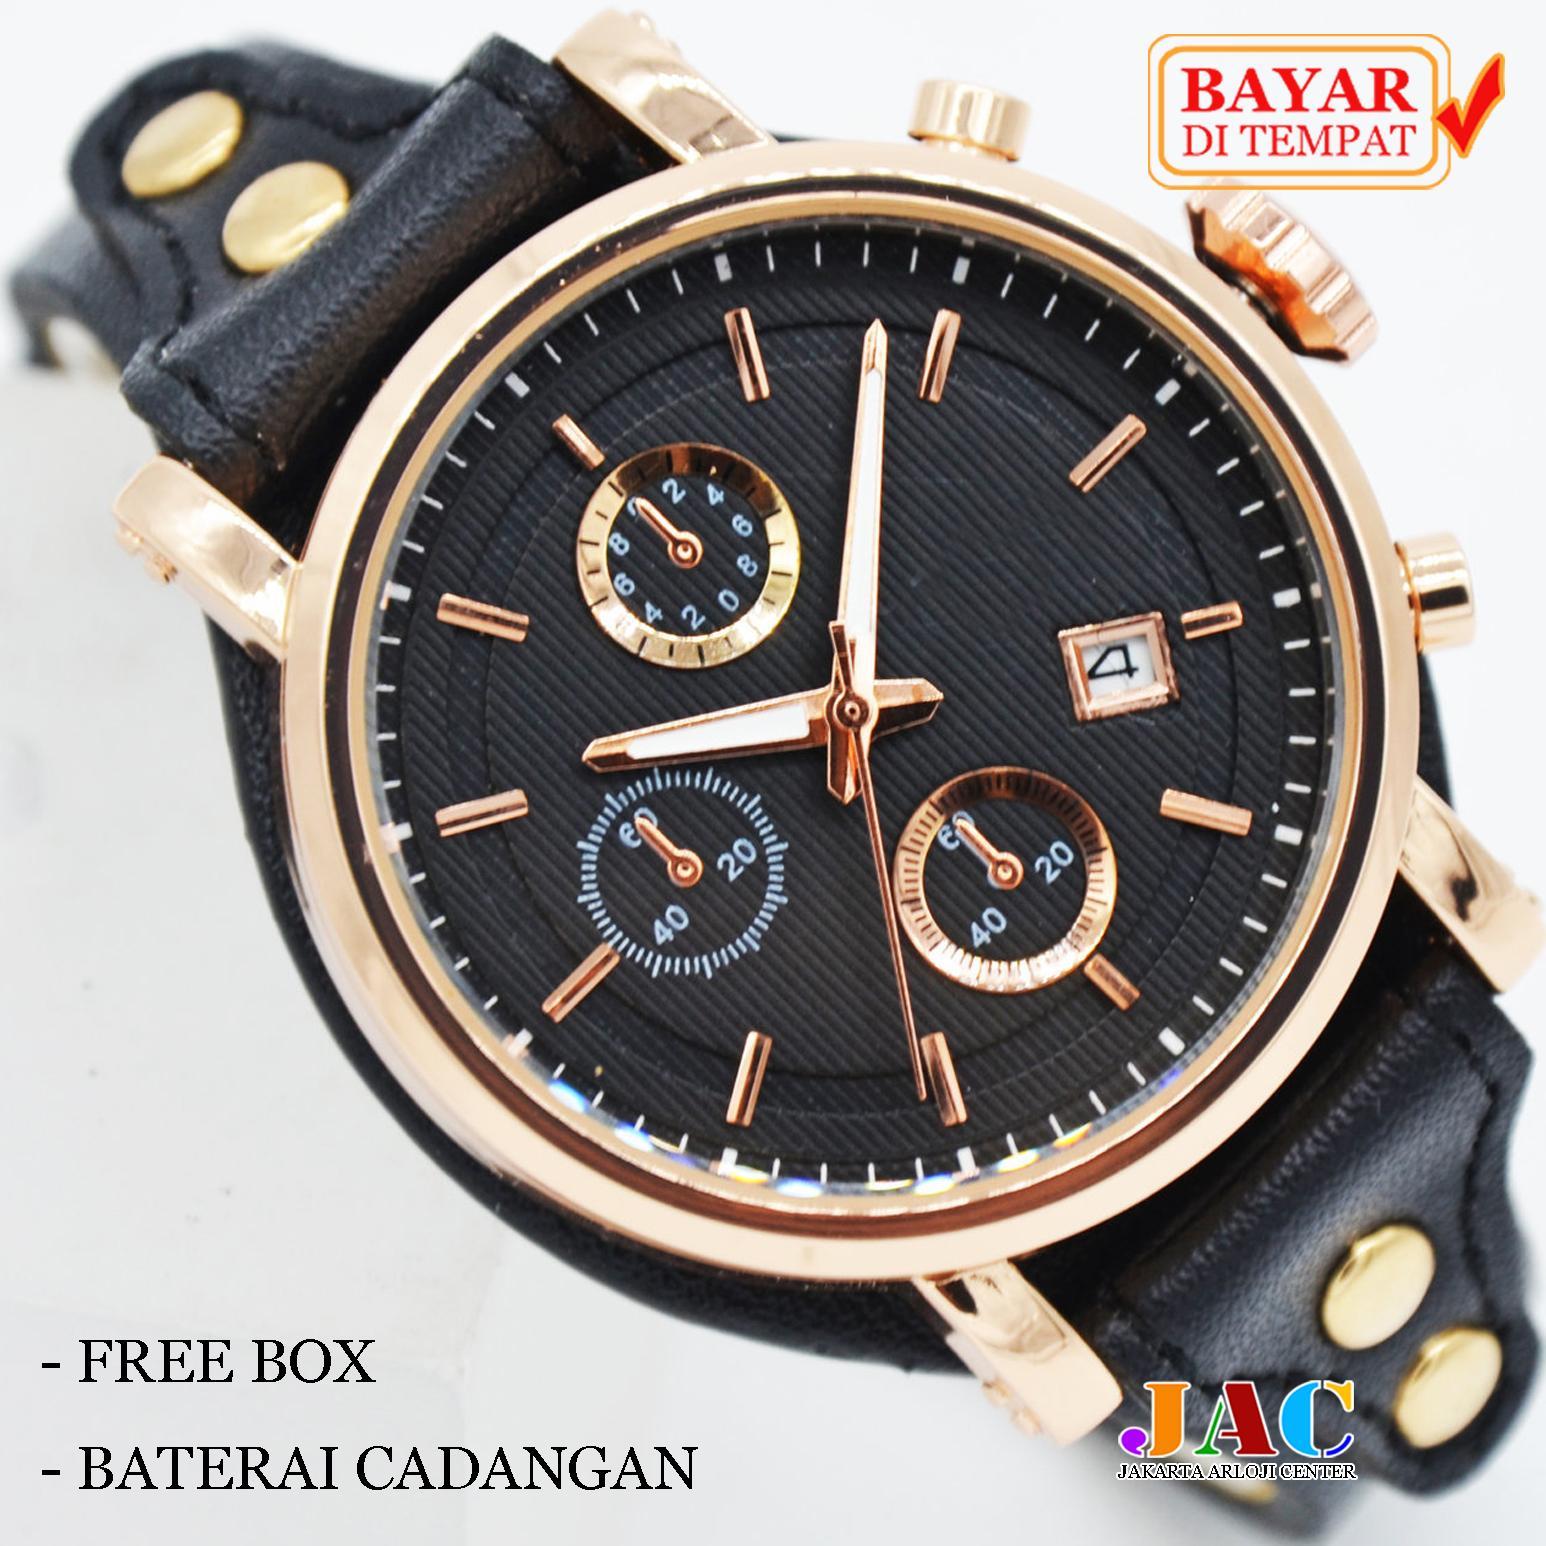 luxury watch – jam tangan wanita elegan – date active – original leather strap – jam tangan wanita  meriah – bisa bayar ditempat